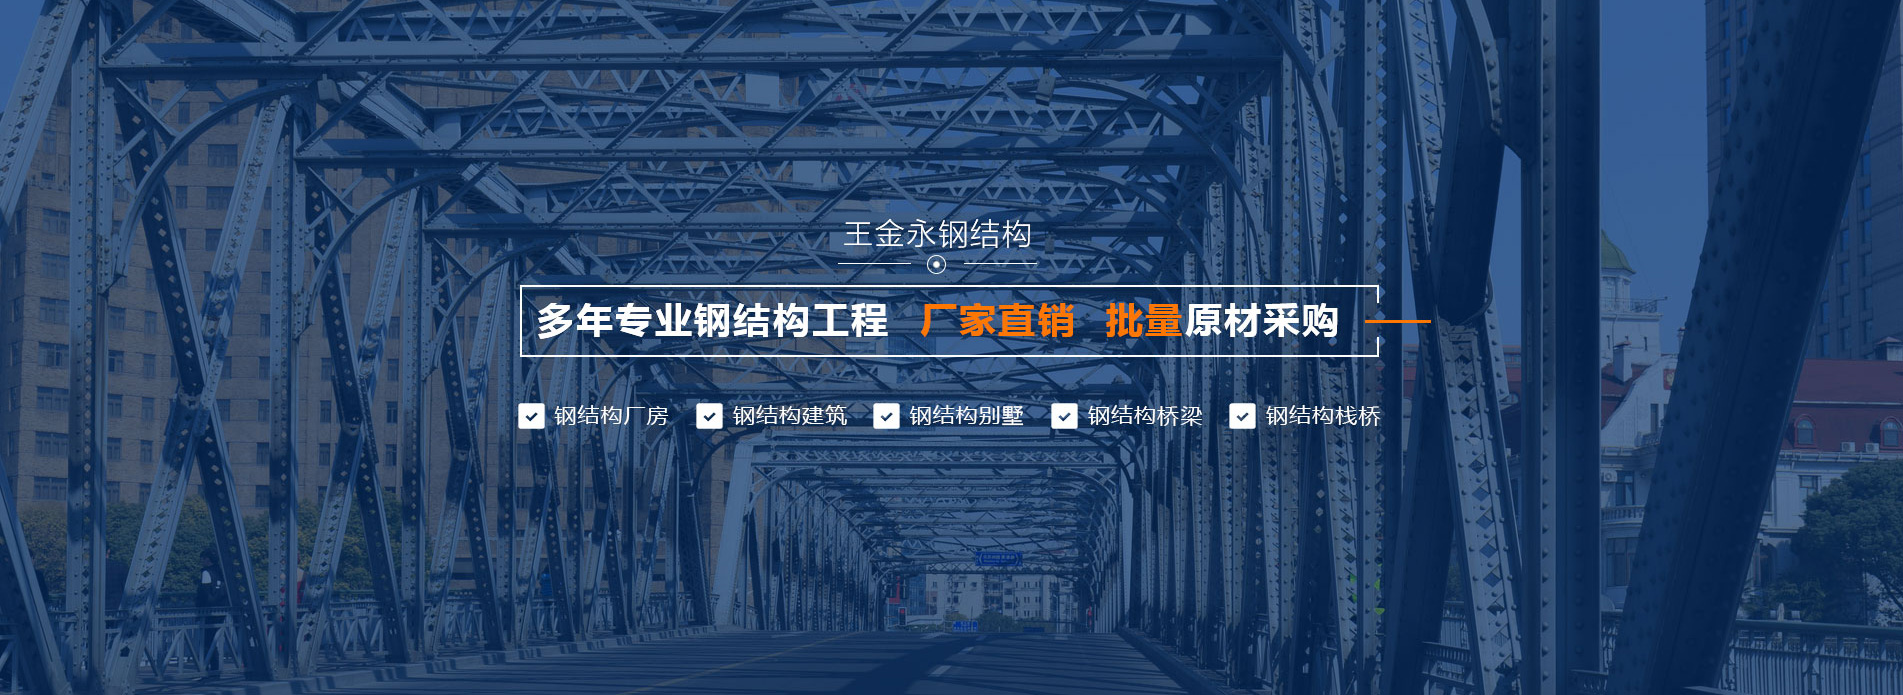 重庆钢结构厂家